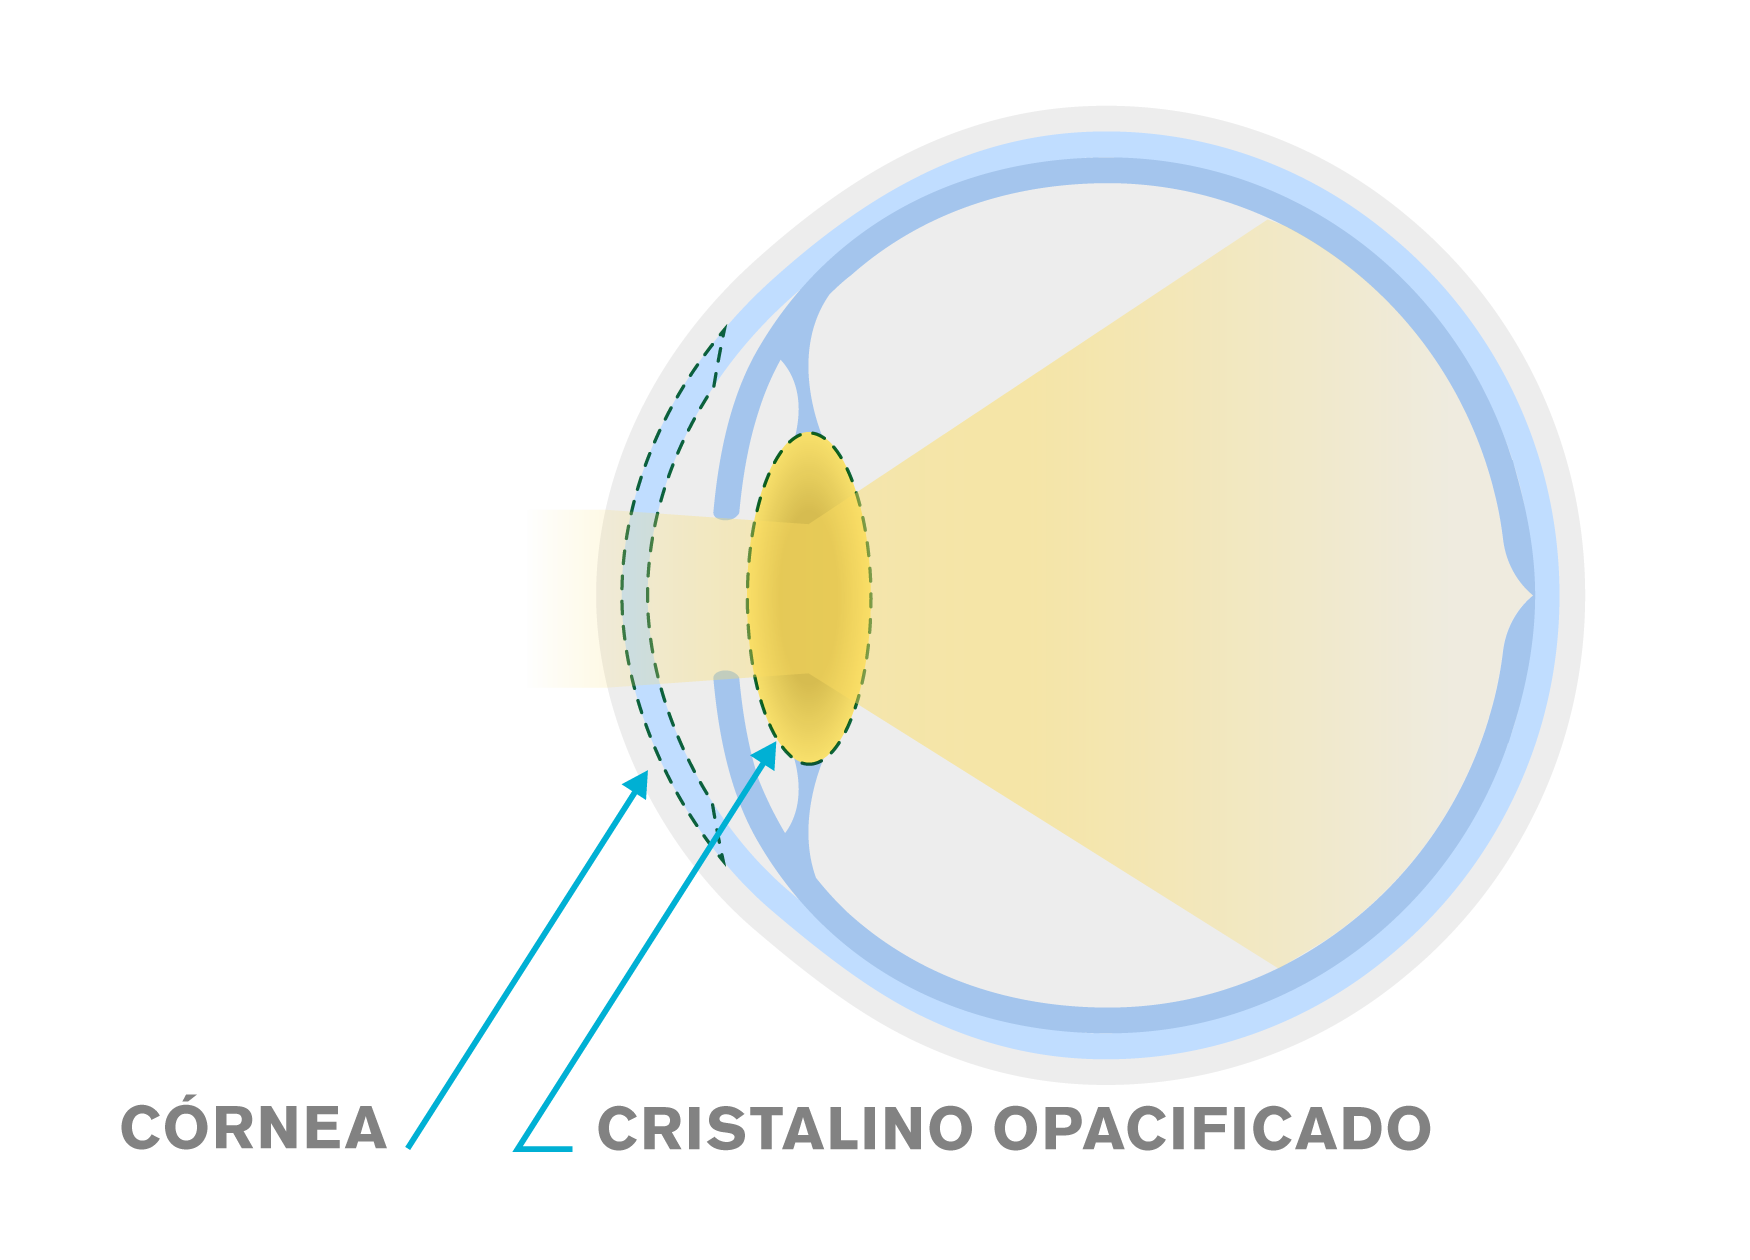 Diagrama de um cristalino normal versus um cristalino opaco de uma catarata ocular